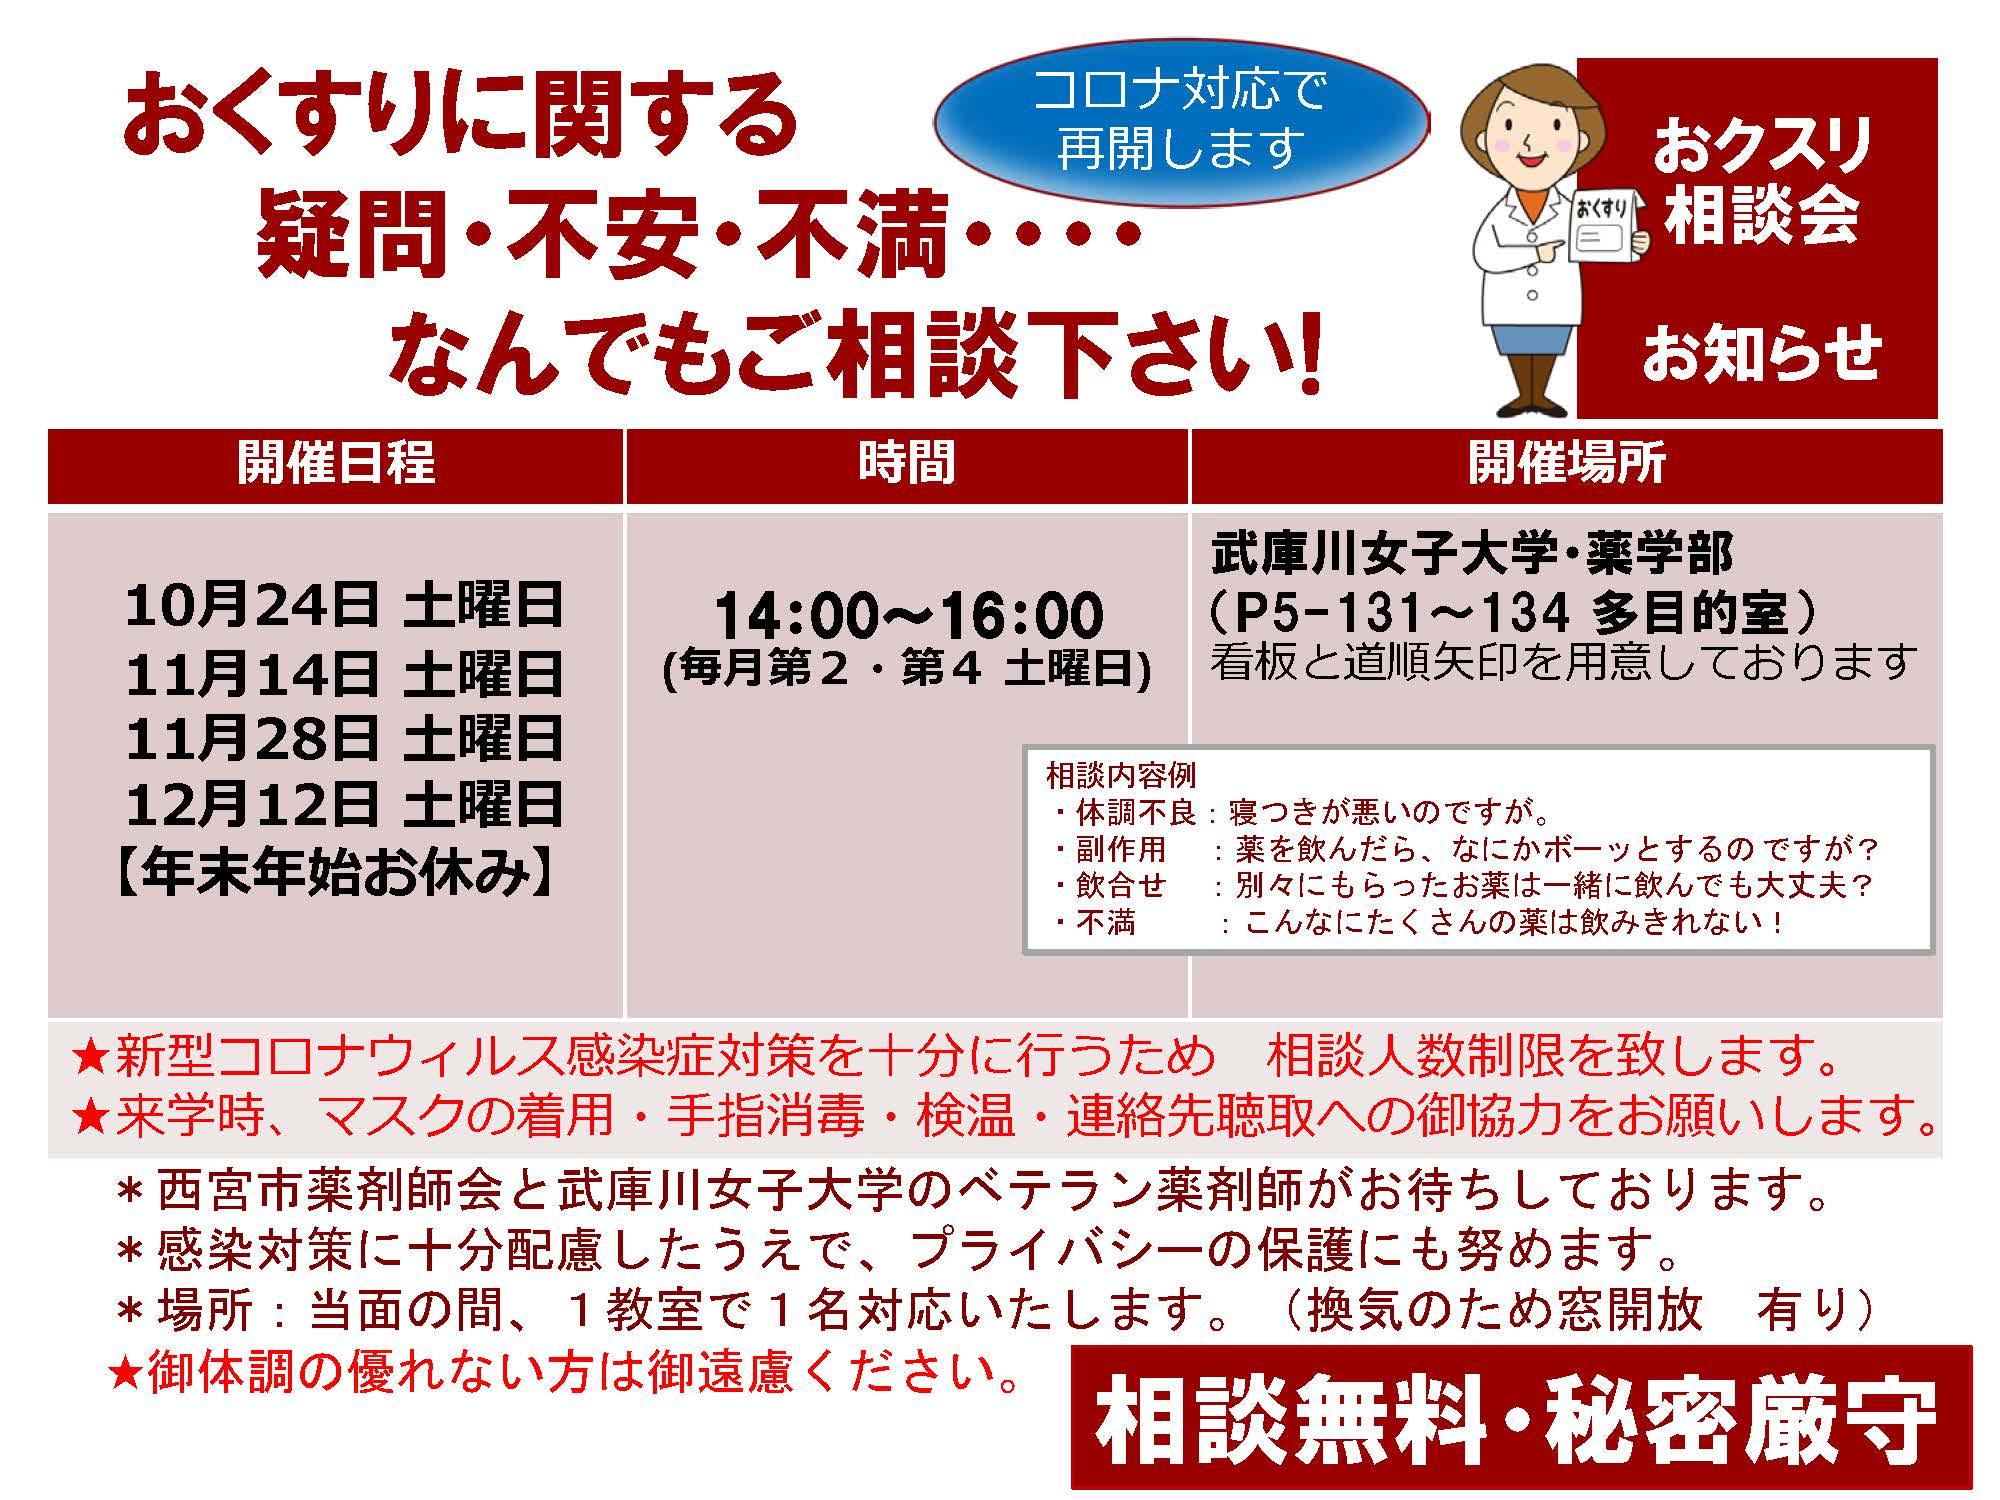 秋・冬期 おクスリ相談会 日程 [掲示資料]